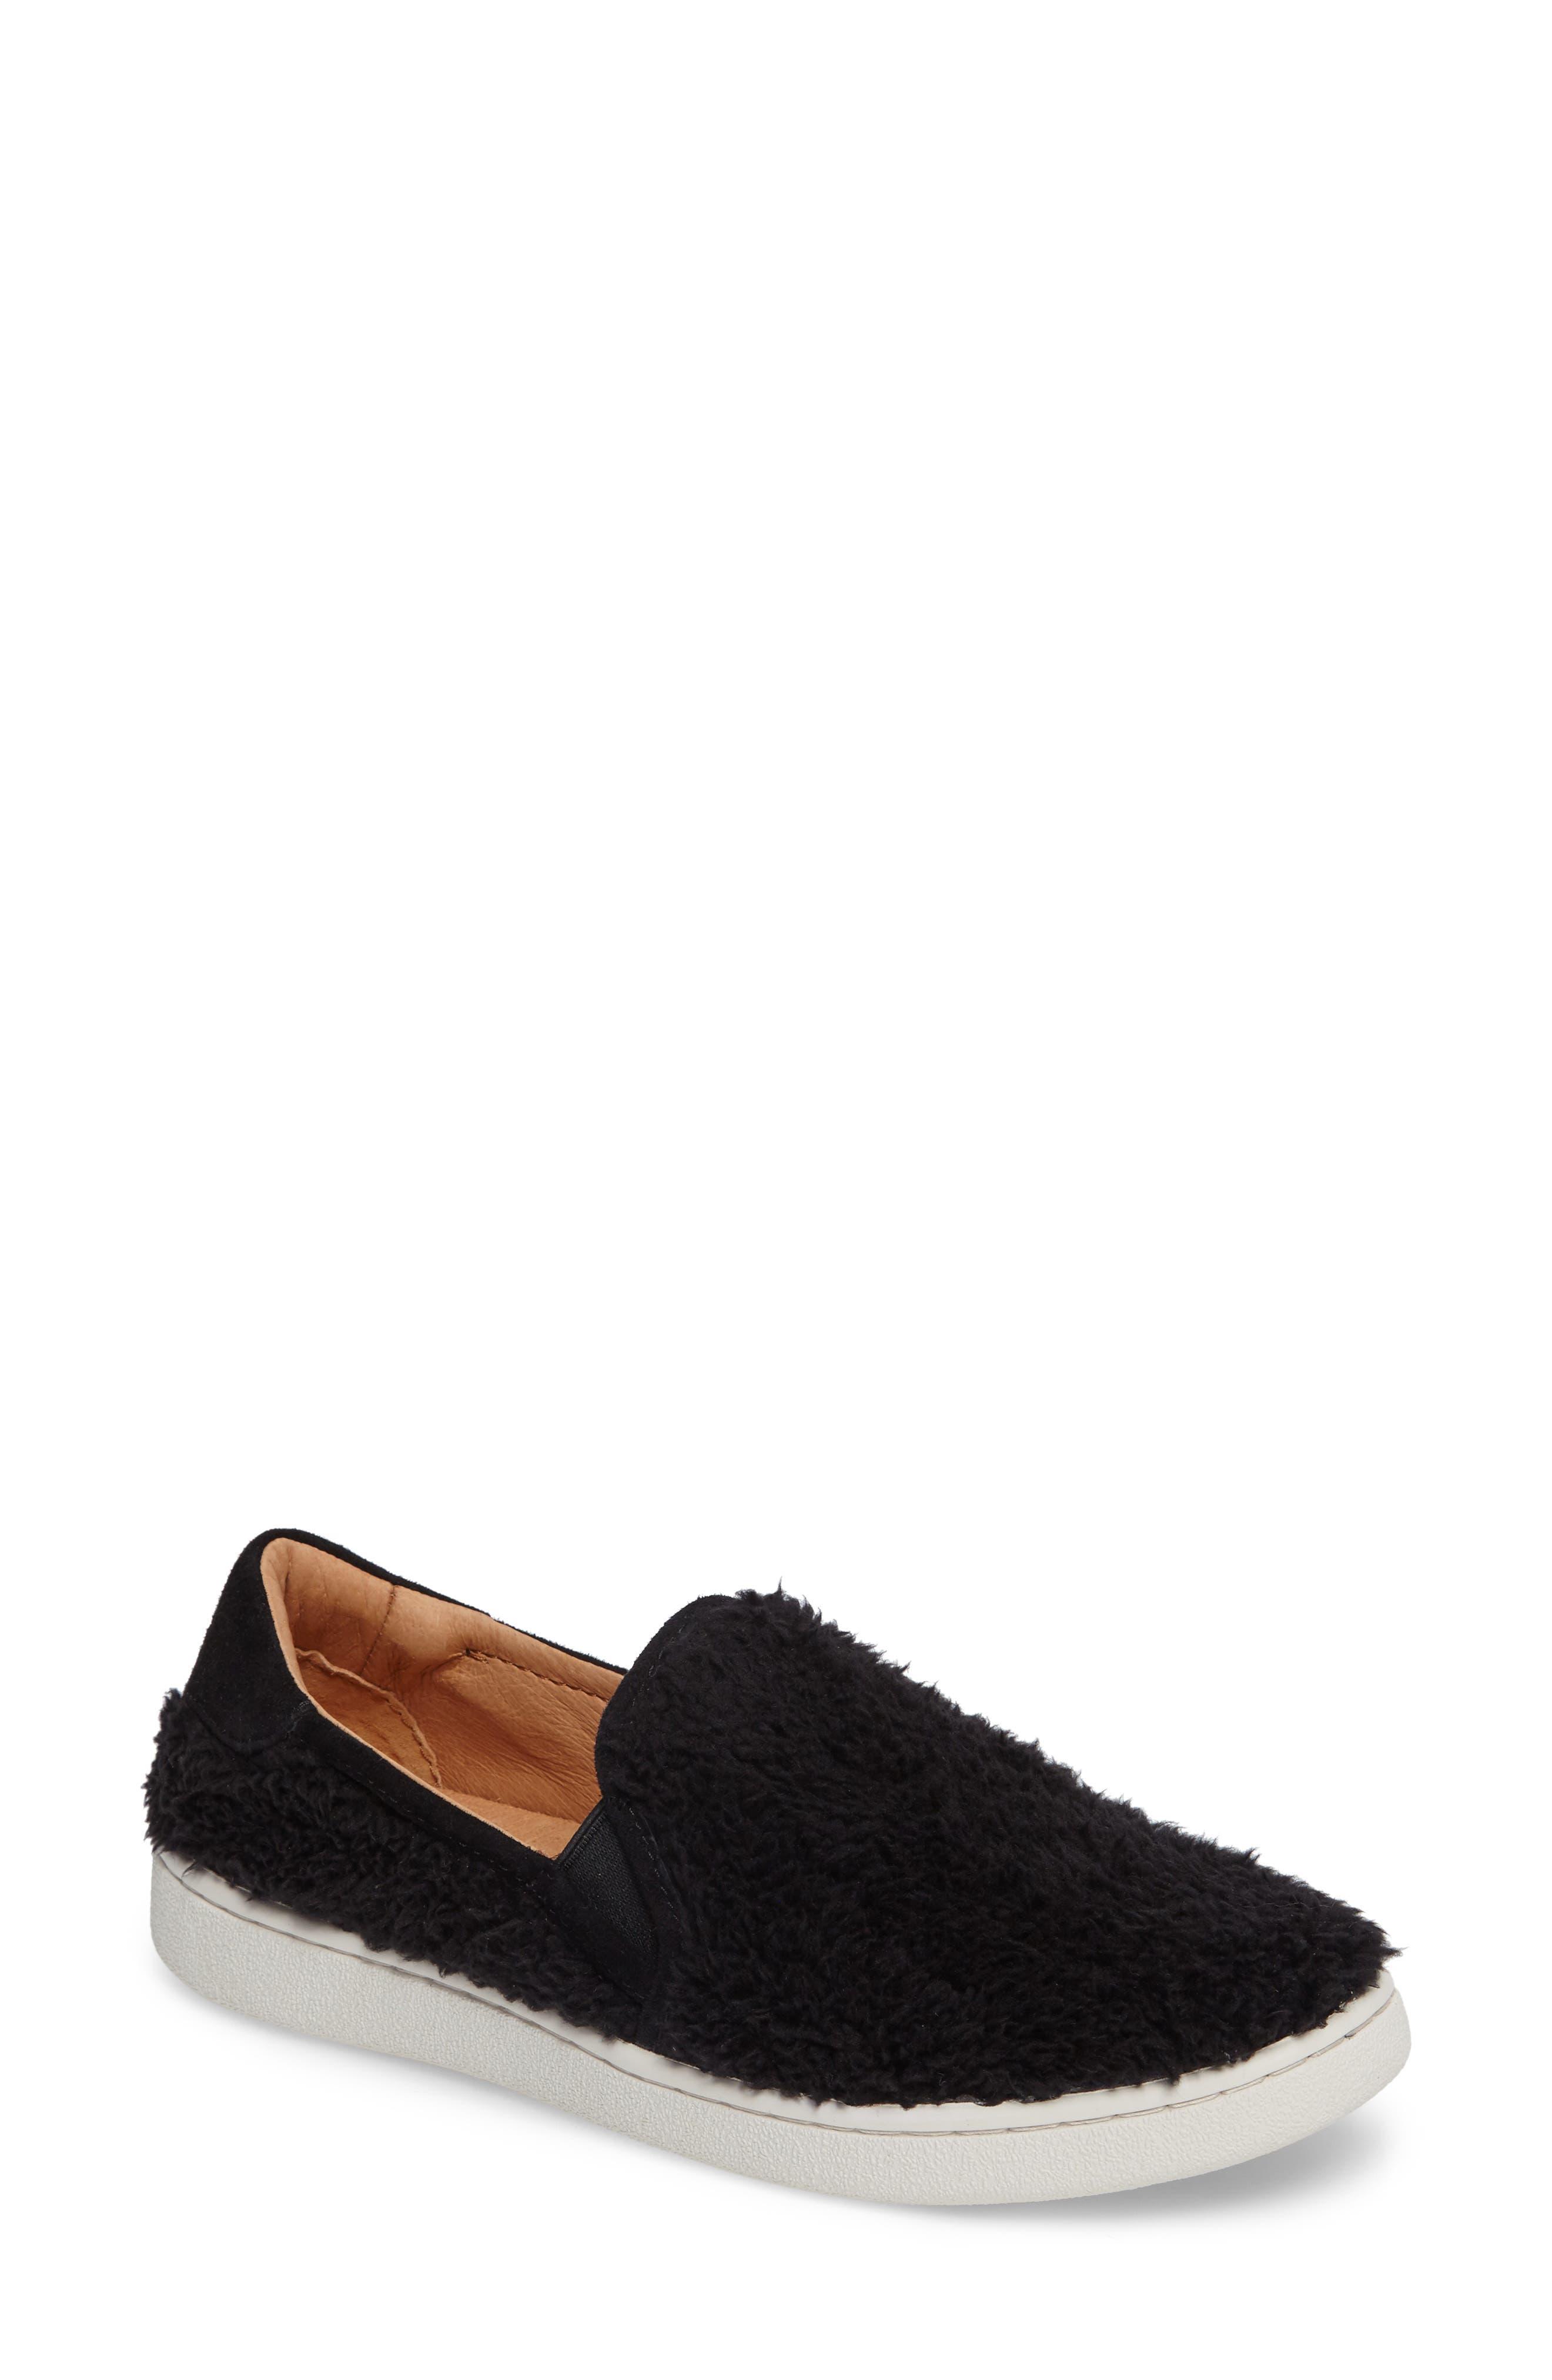 Ricci Plush Slip-On Sneaker,                             Main thumbnail 1, color,                             Black Fabric